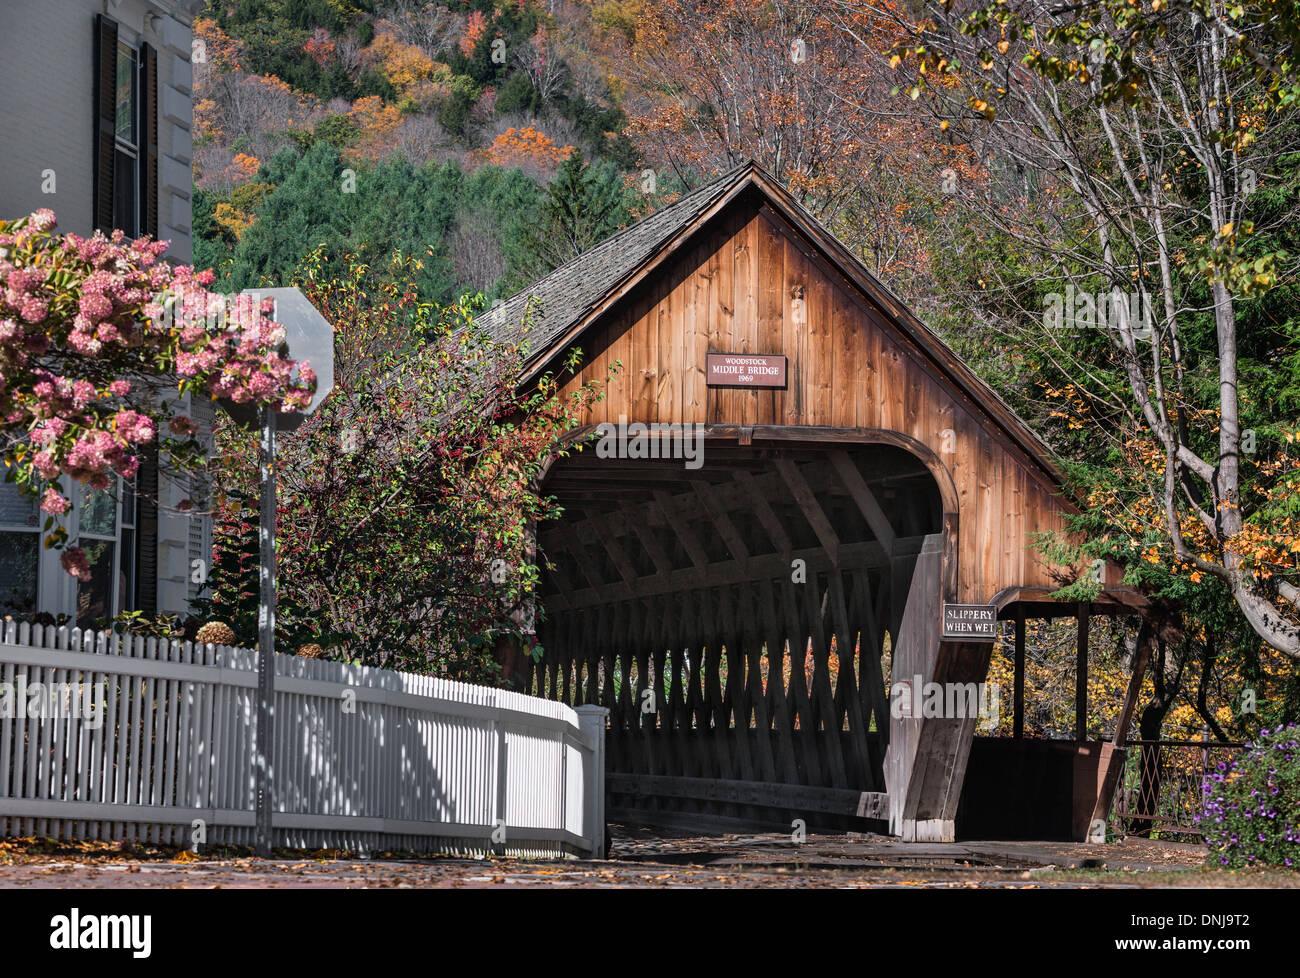 Covered bridge, Middle Bridge, Woodstock, Vermont, USA - Stock Image